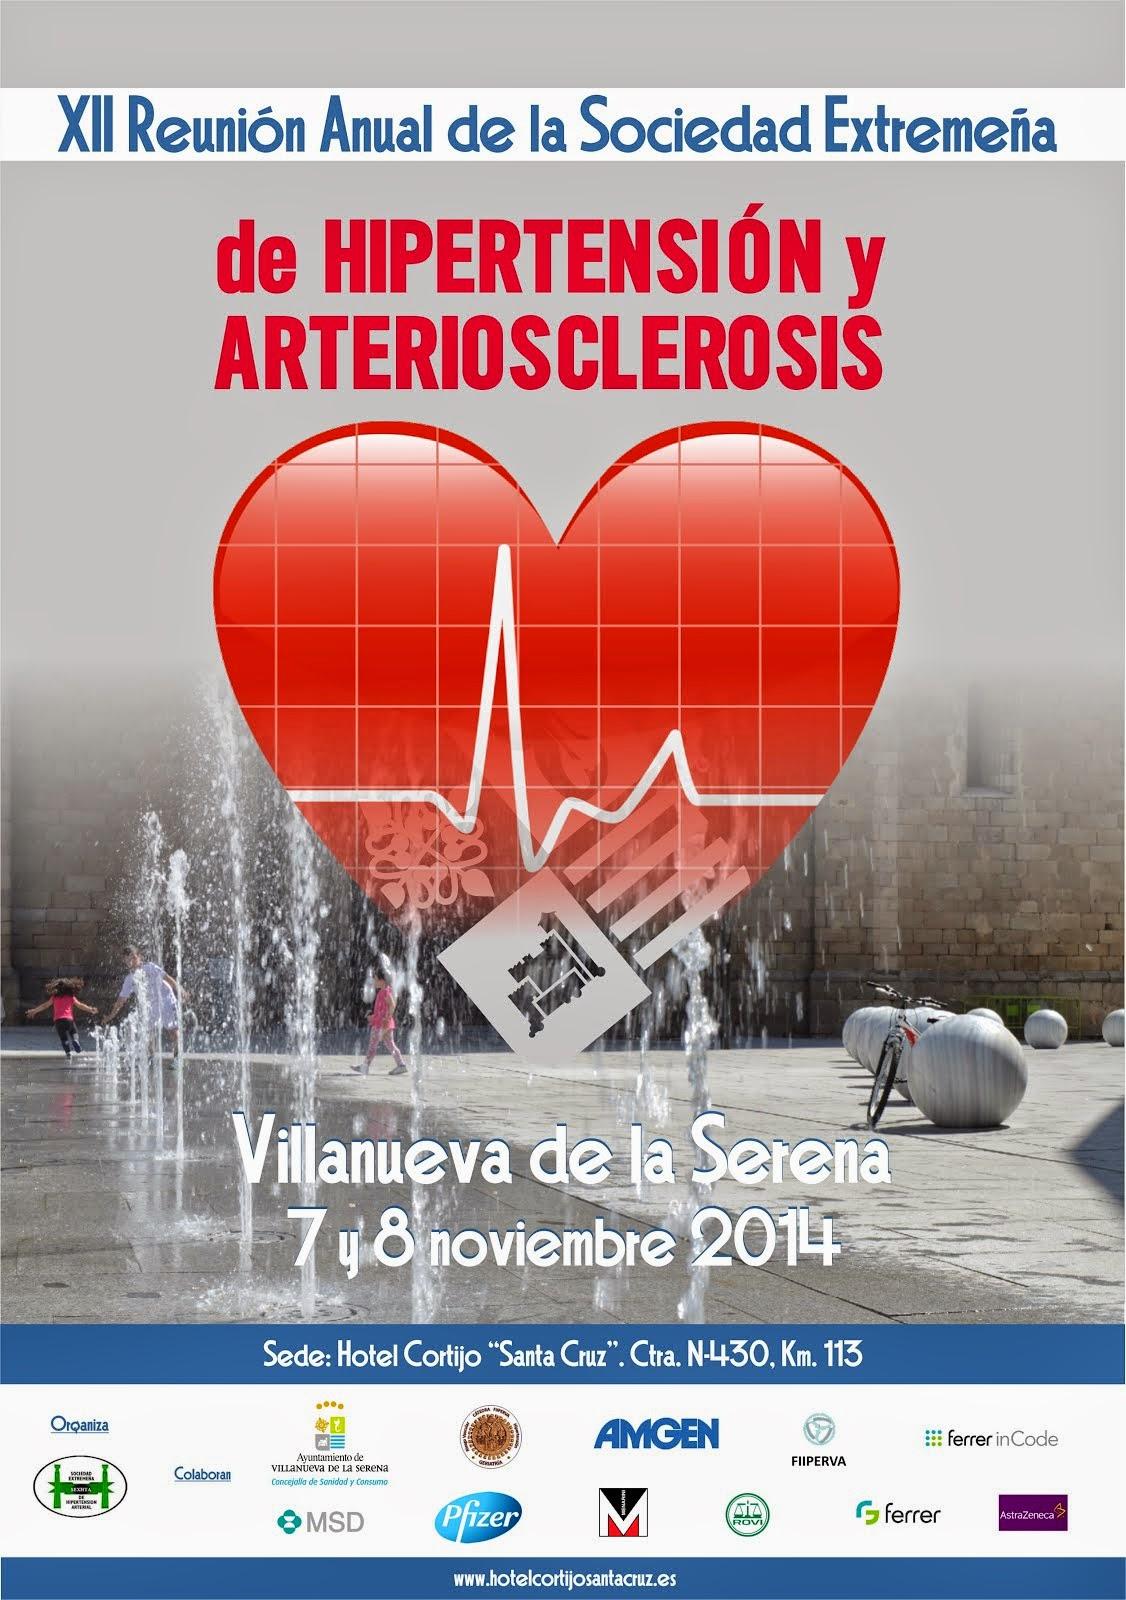 Reunión asociación hipertensión y arteriosclerosis